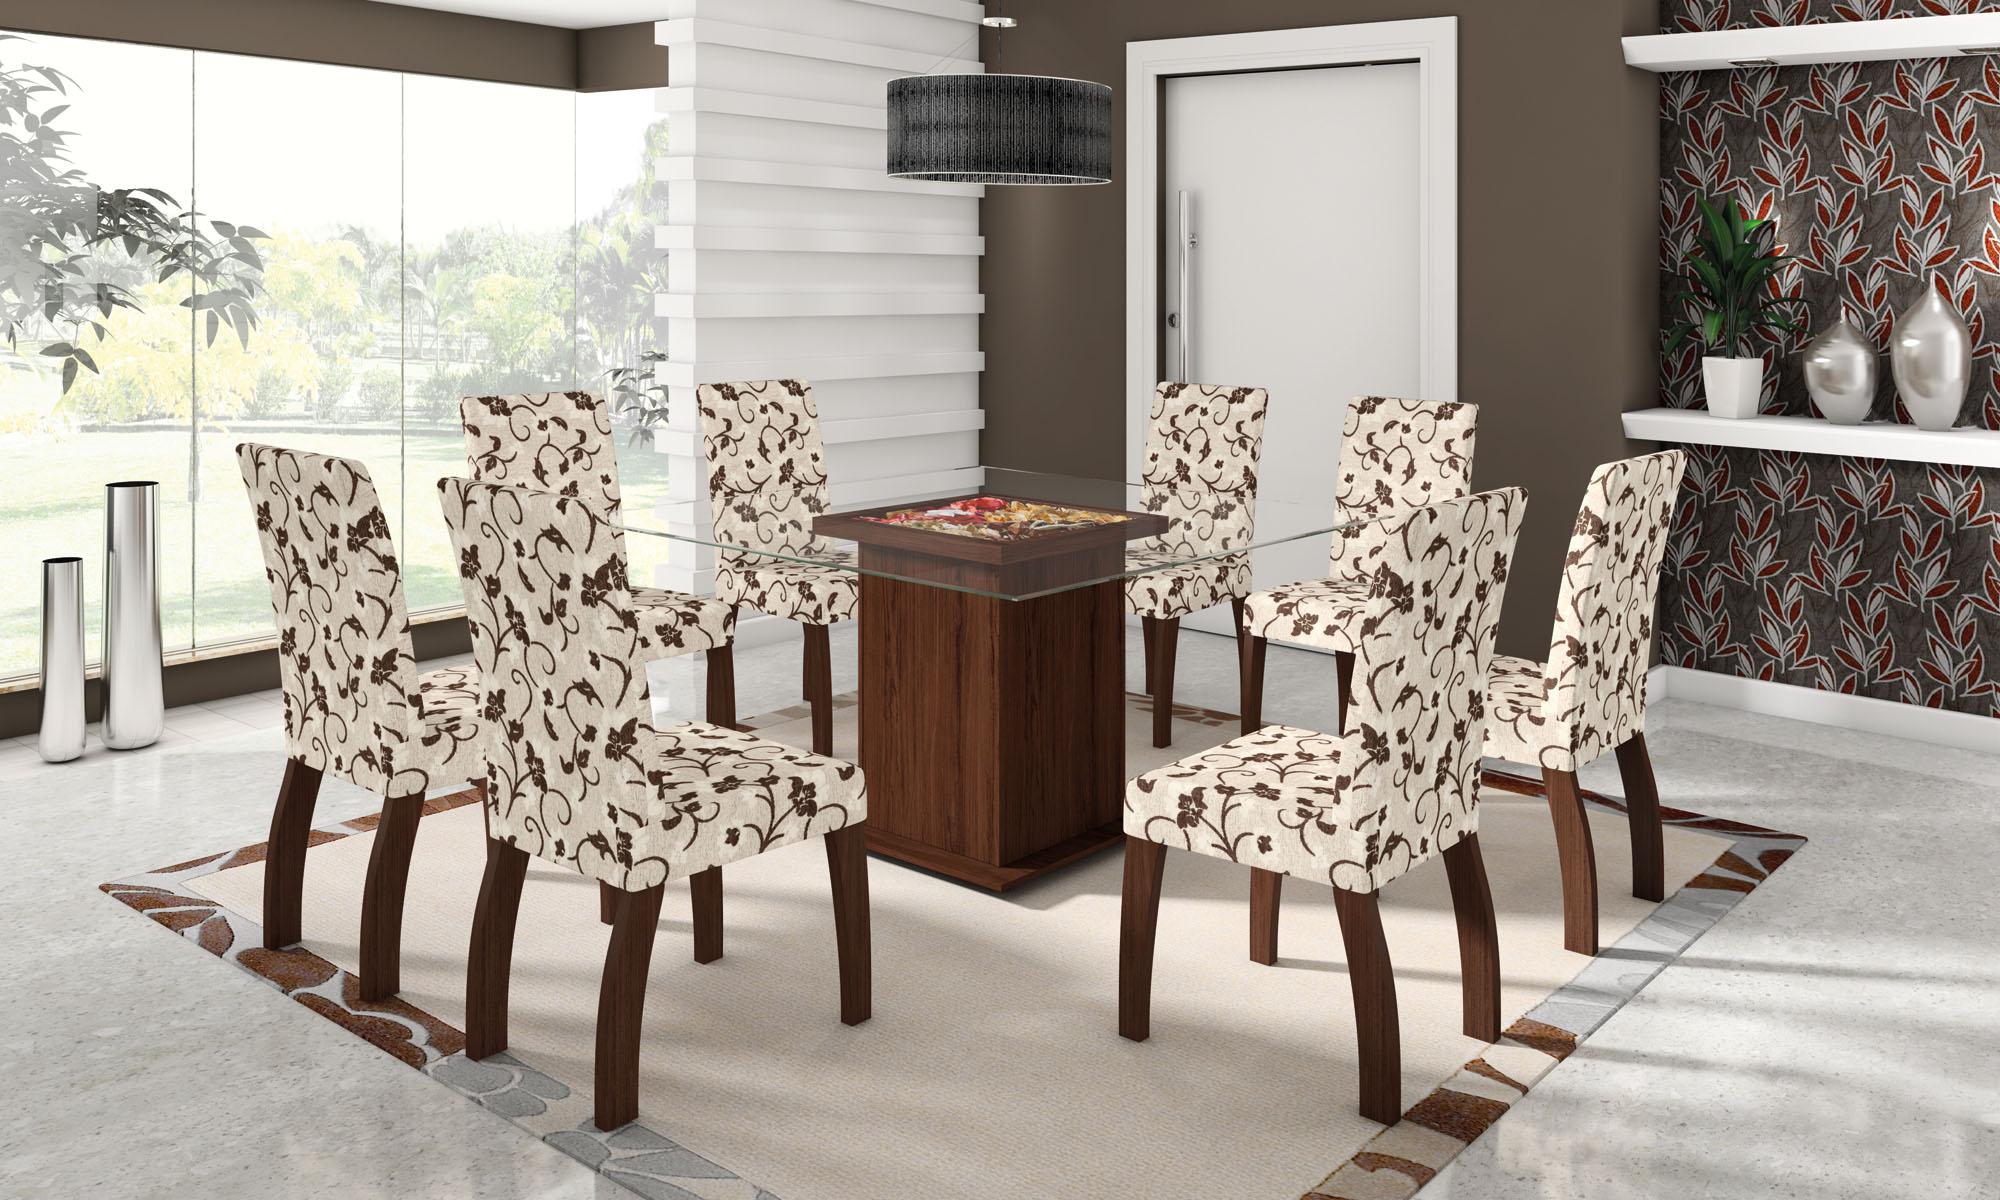 Conjunto de sala de jantar são várias peças Moda e ConfortoModa  #985733 2000x1200